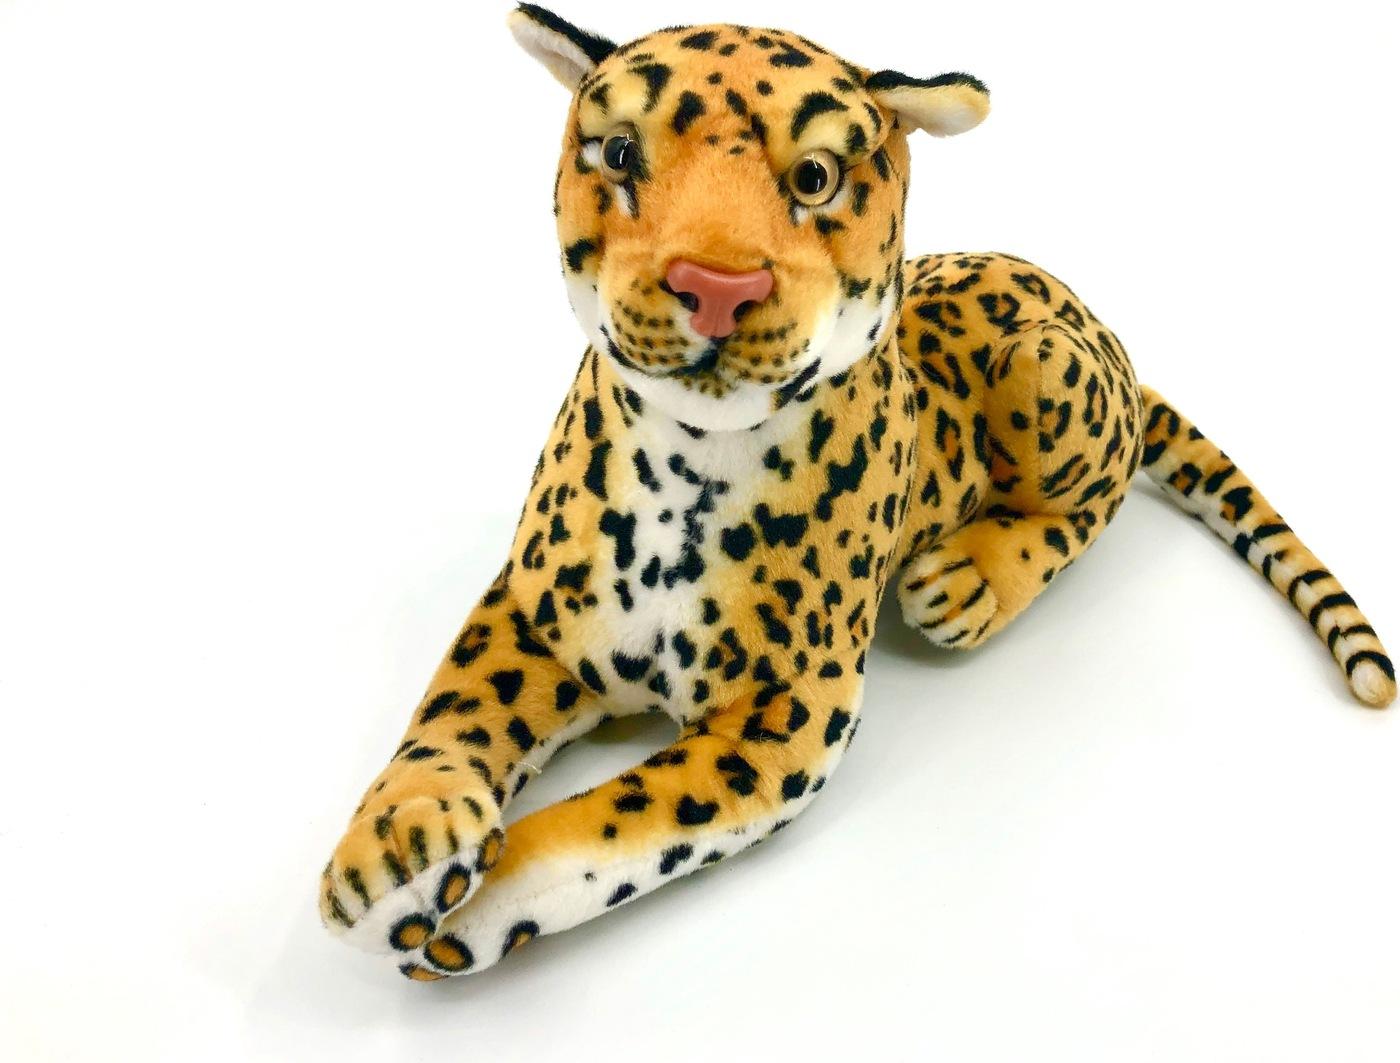 АБВГДЕЙКА Мягкая игрушка Леопард, 30 см